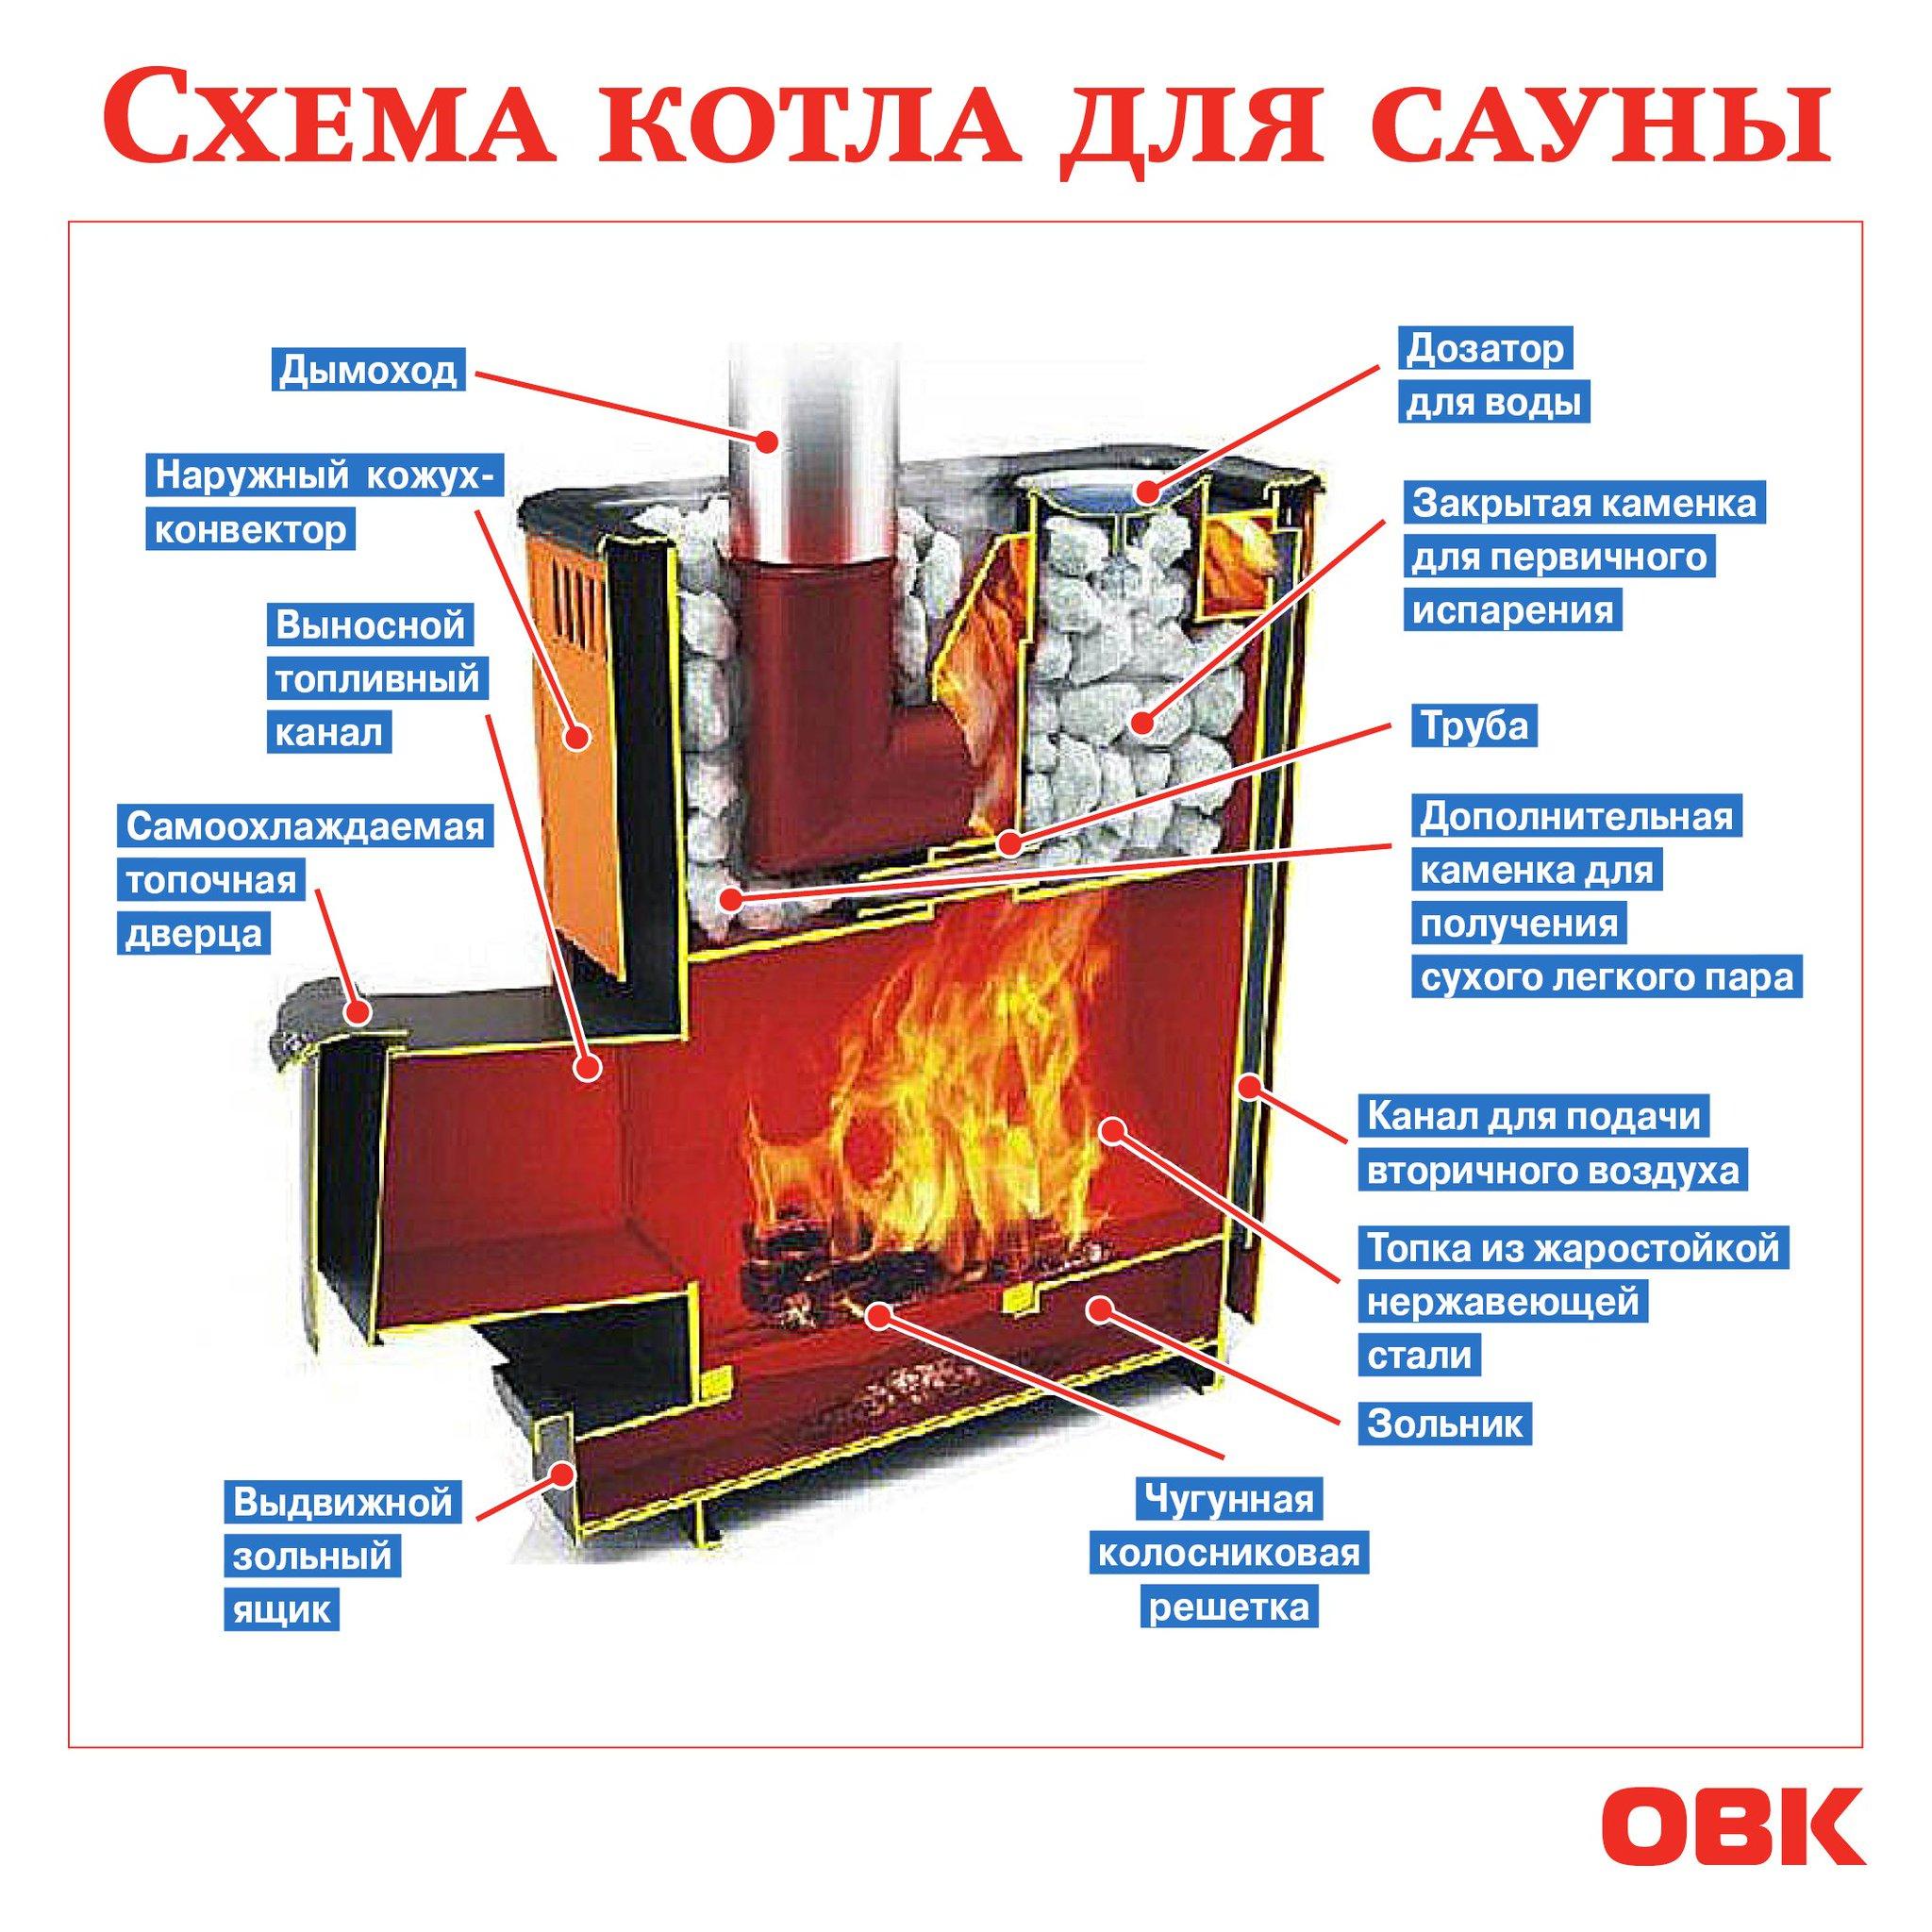 Разновидности котлов в баню, их особенности, какие виды топлива нужны для их эксплуатации